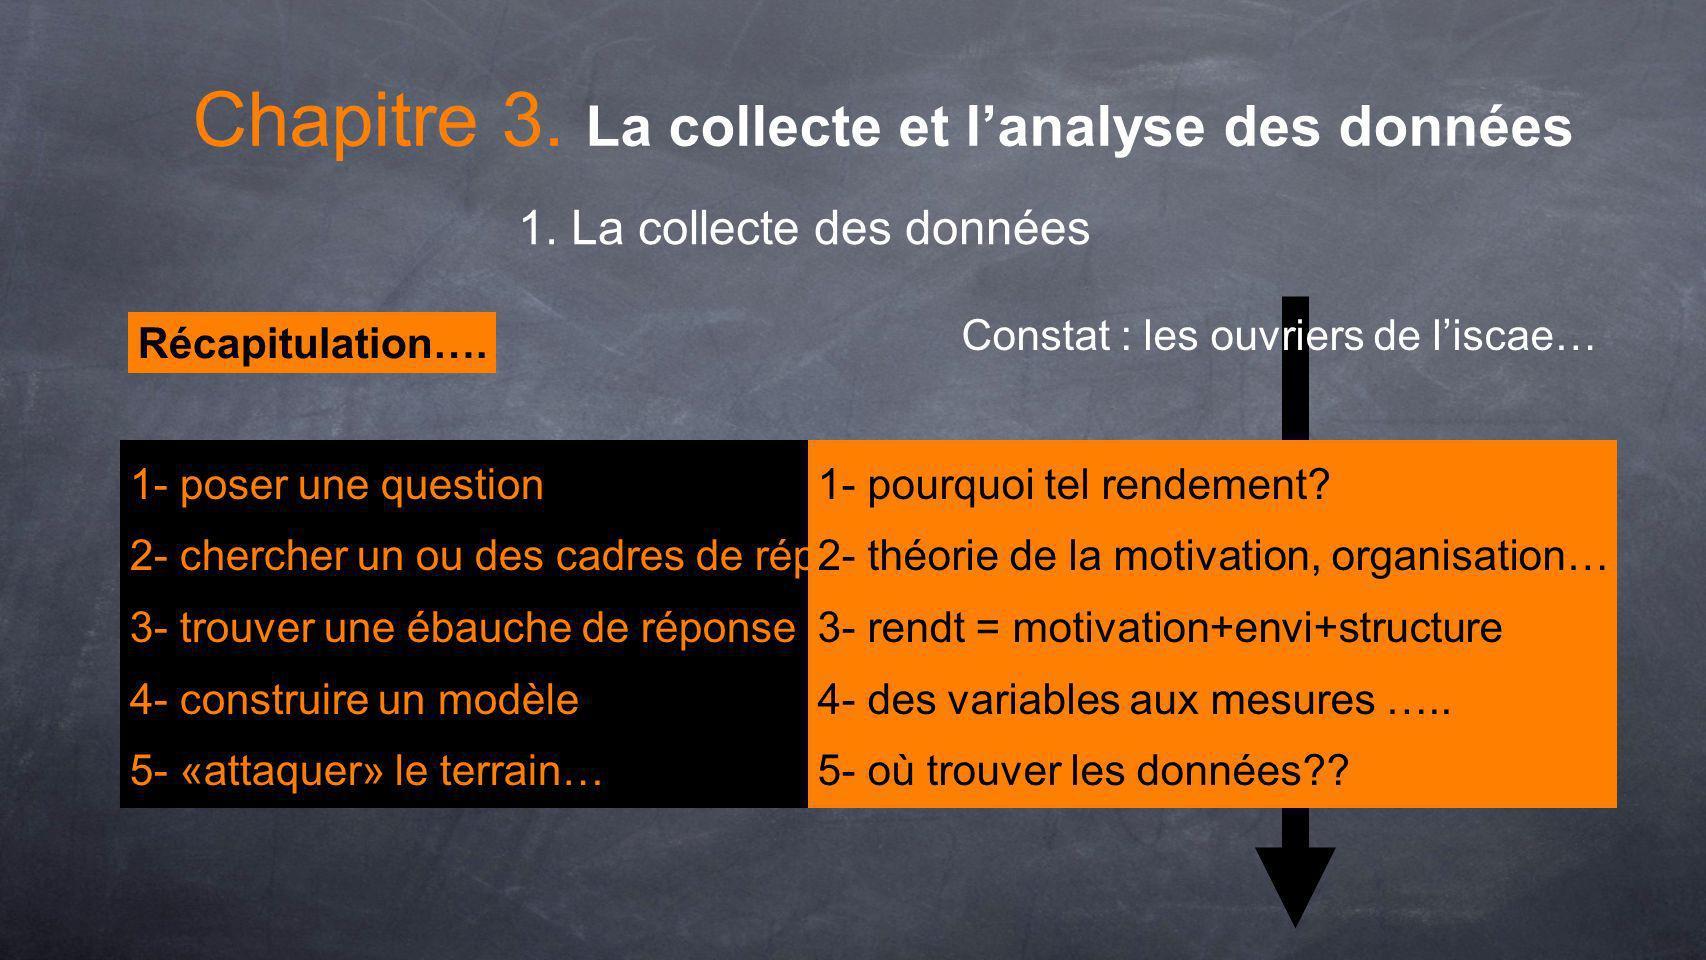 Chapitre 3. La collecte et lanalyse des données 1. La collecte des données Récapitulation…. 1- poser une question 2- chercher un ou des cadres de répo